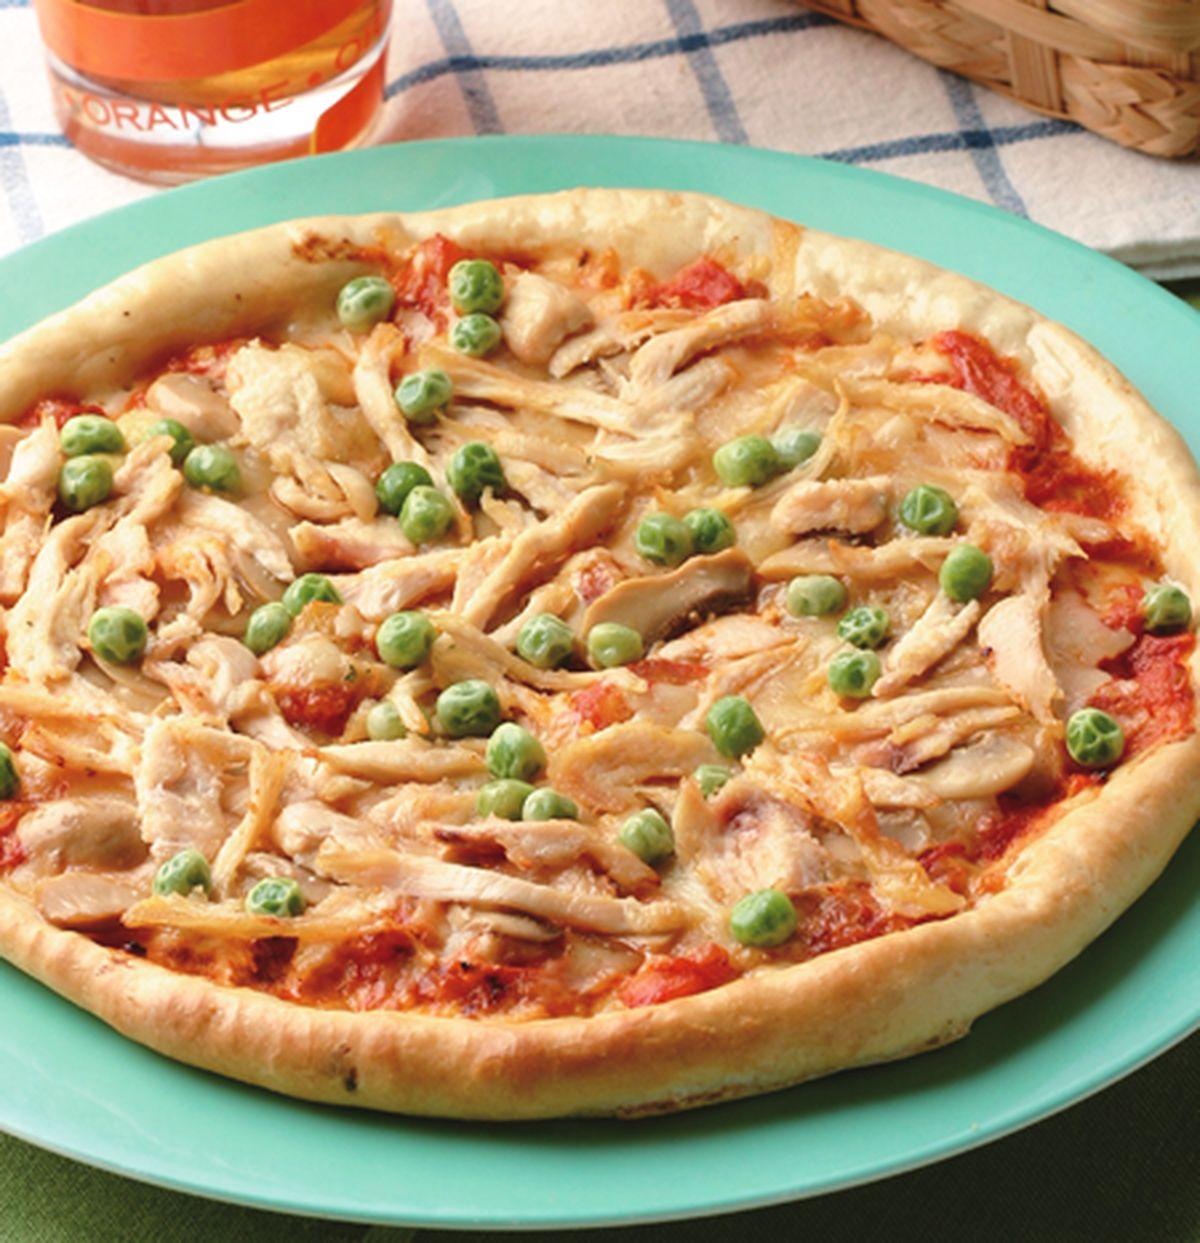 食譜:燻雞絲磨菇薄片披薩